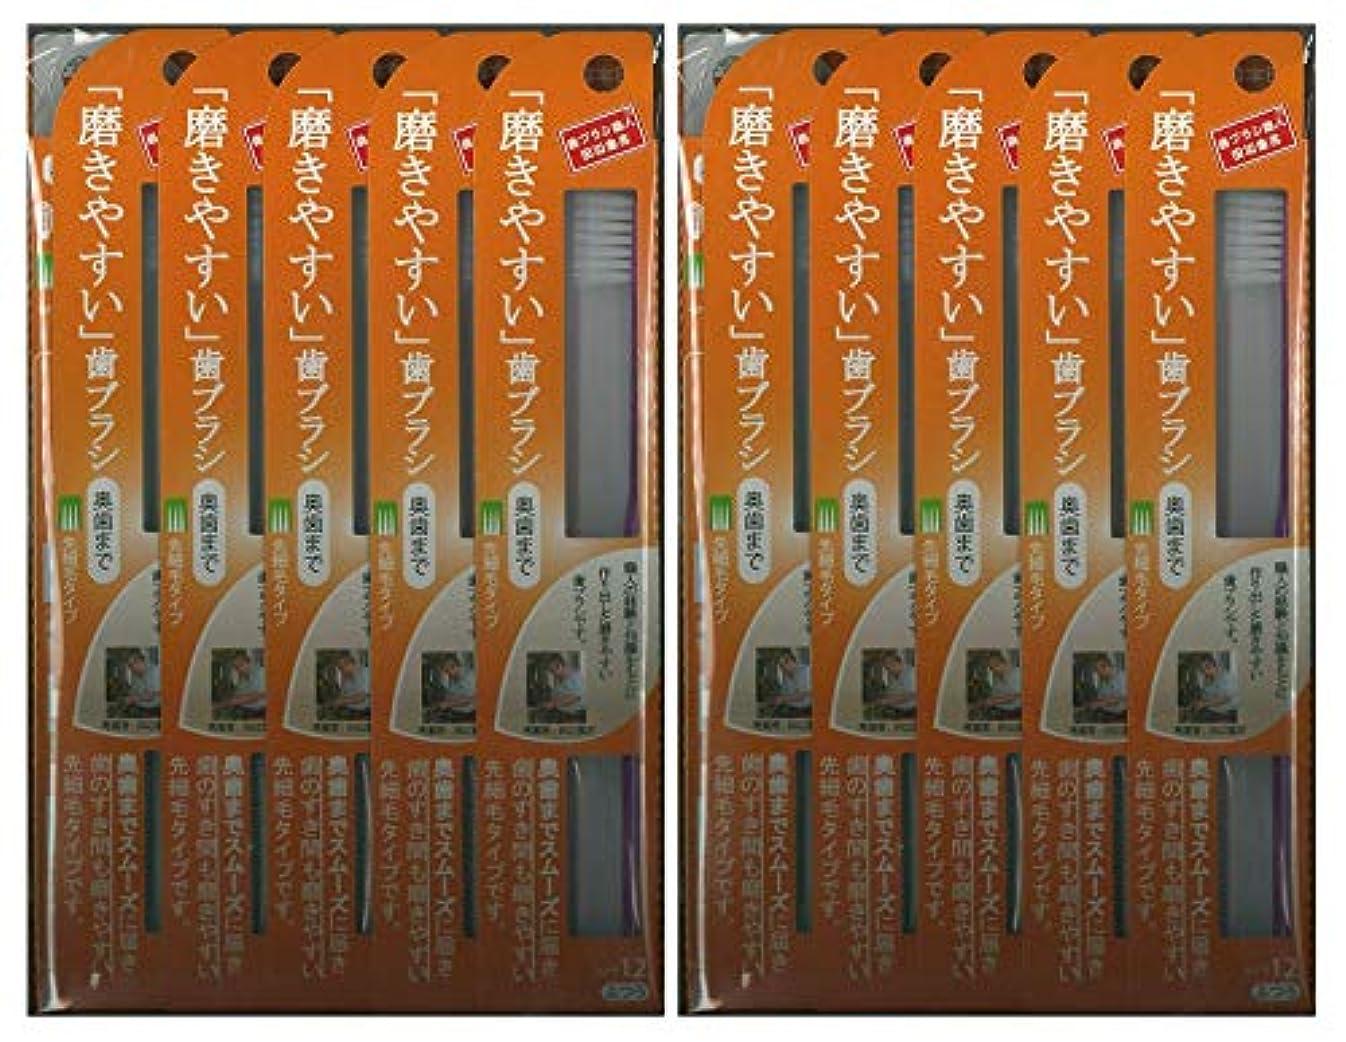 定義ヒューズワイプ歯ブラシ職人 田辺重吉考案 磨きやすい歯ブラシ ふつう (奥歯まで)先細 LT-12 1本入×24本セット